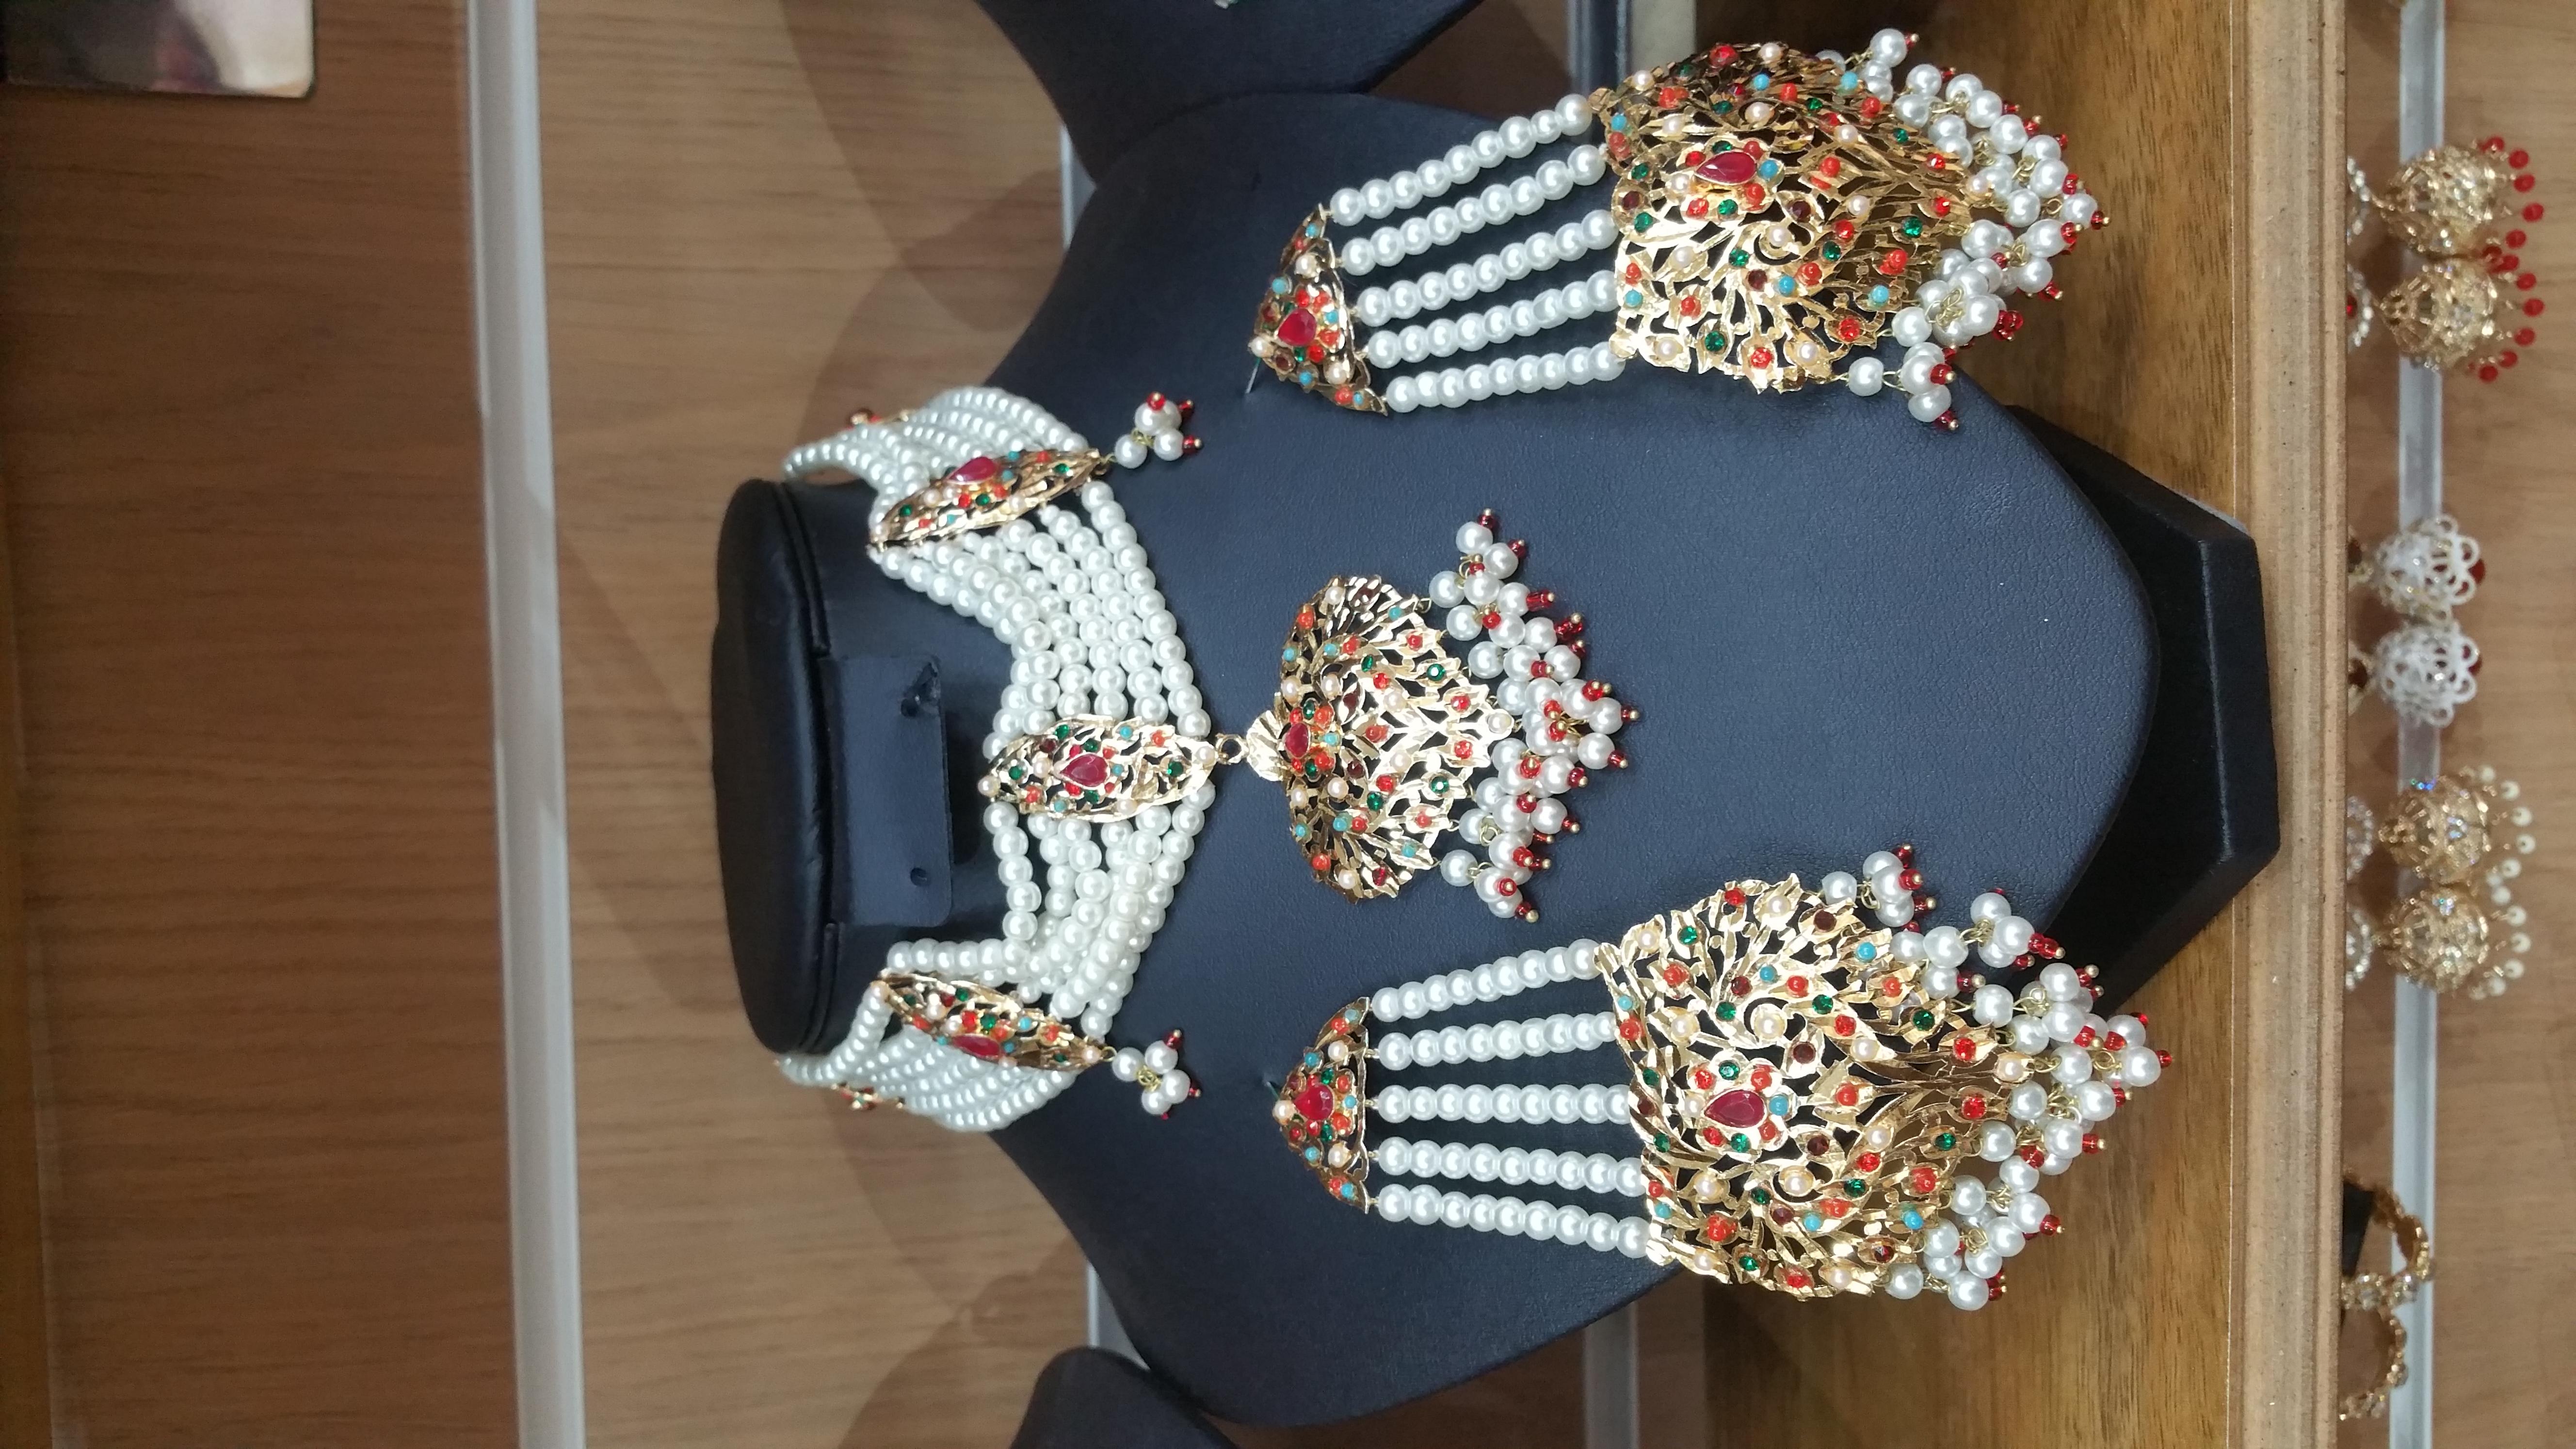 hydrabadi choker - multi choker - wholesale Pakistani jewellery - bespoke Pakistani jewellery